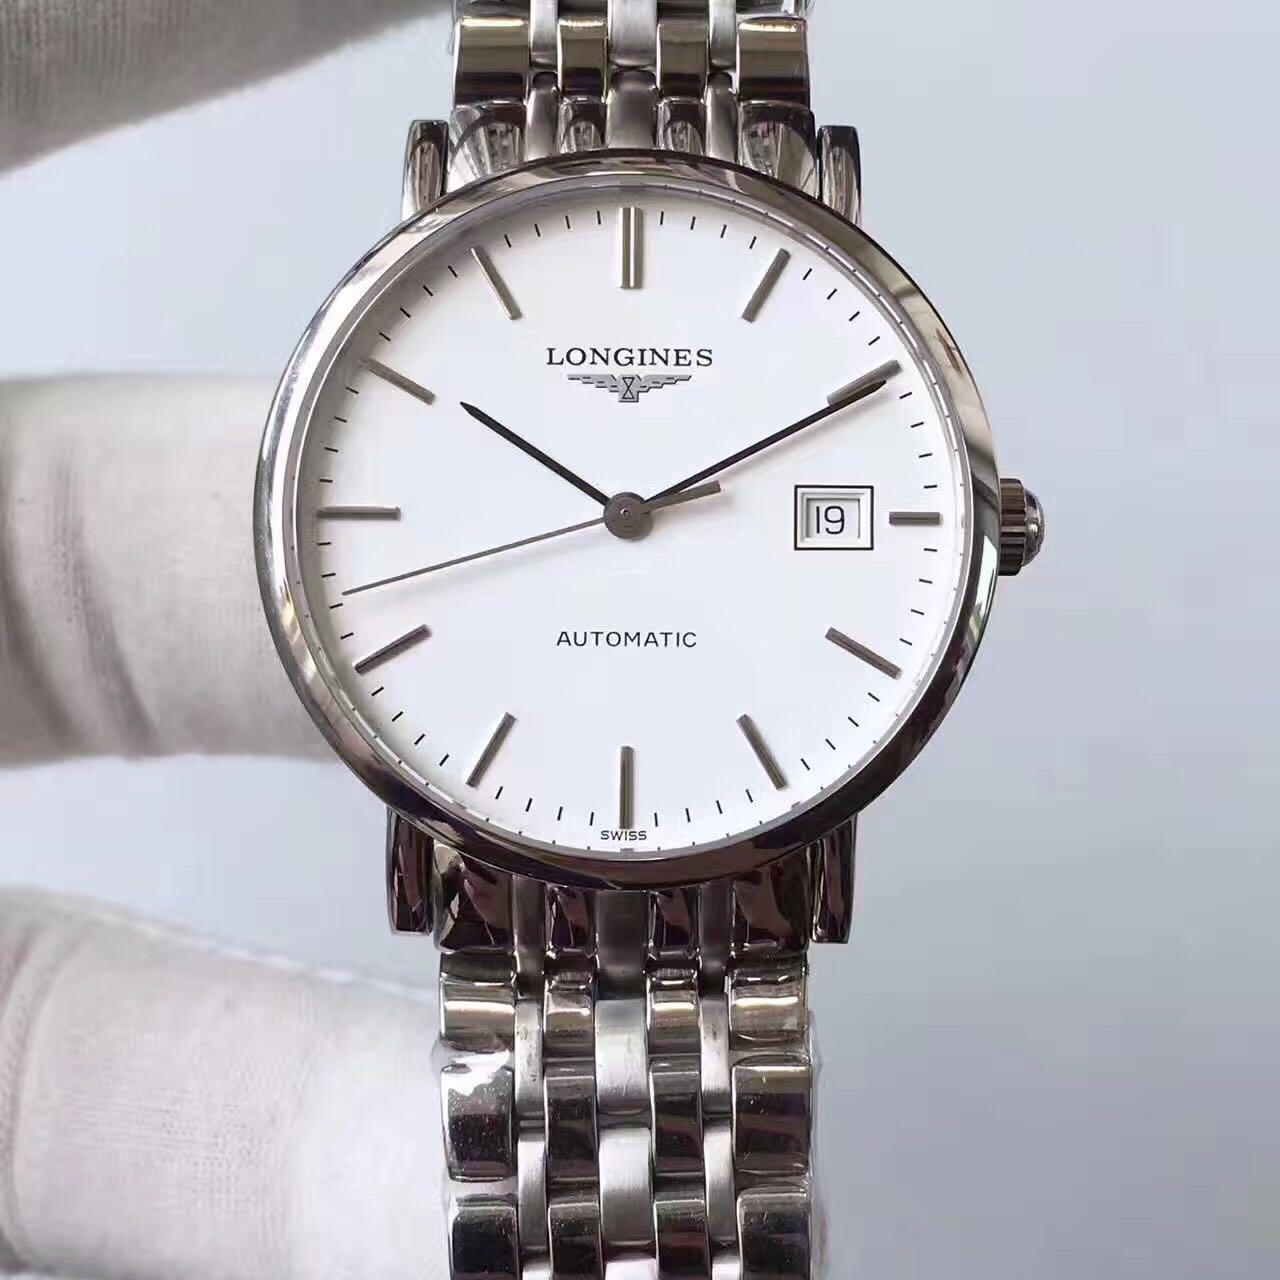 超A名表,A货手表,浪琴复刻表 请大家不要再买了 揭露微商骗子手段